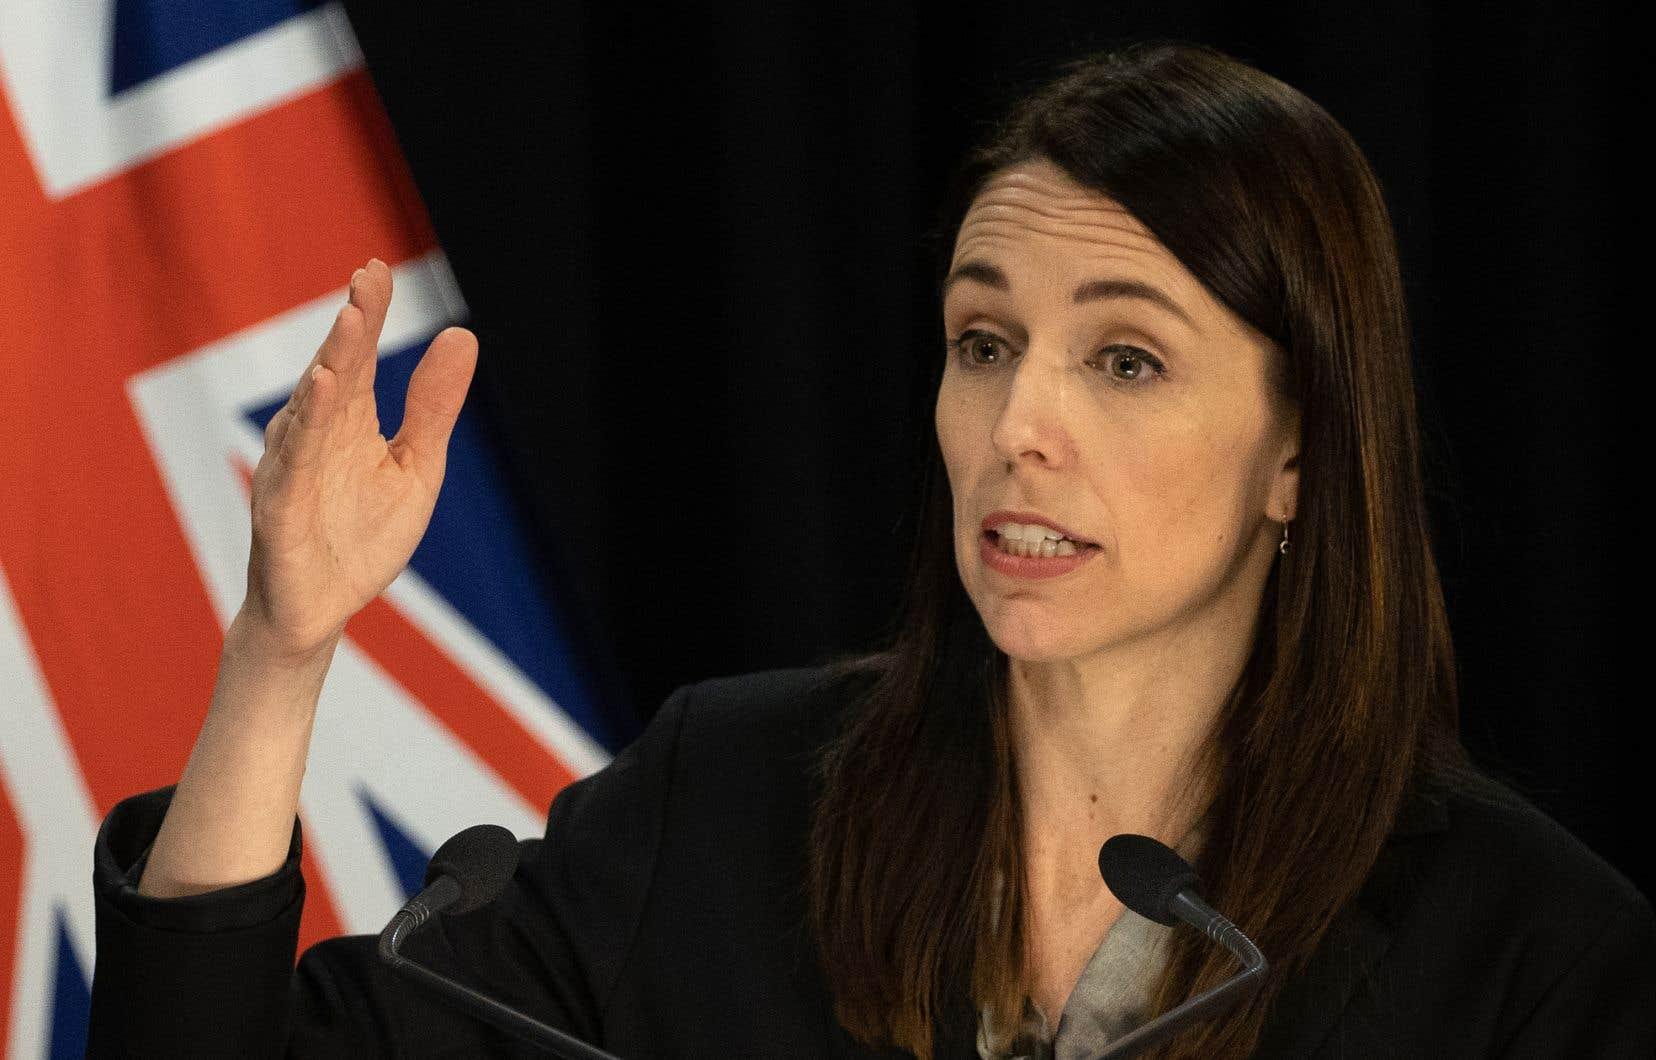 La première ministre néo-zélandaise, Jacinda Ardern, a salué les habitants qui ont dû endurer un deuxième confinement pour endiguer la pandémie.